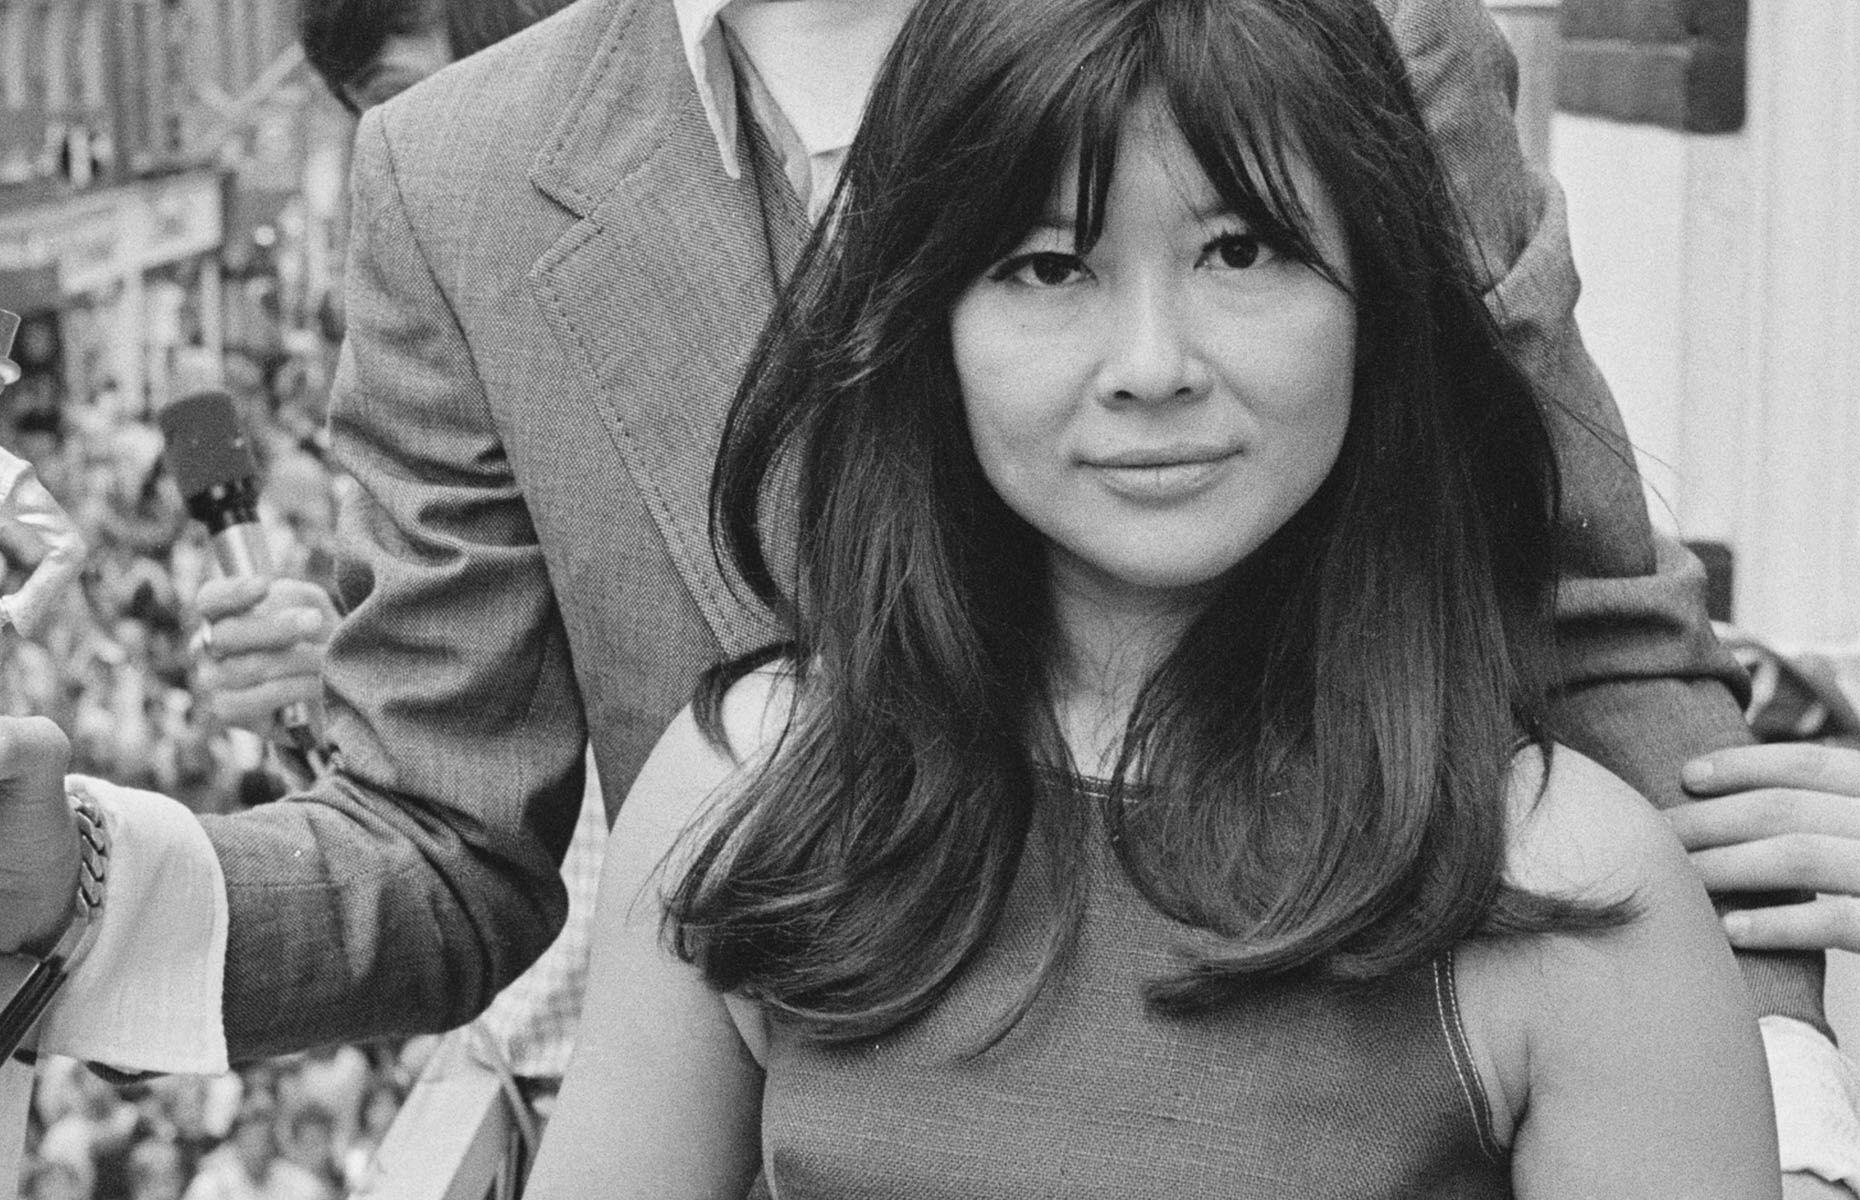 Le più belle ragazze bond di tutti i tempi Ling - Tsai Chin-2549